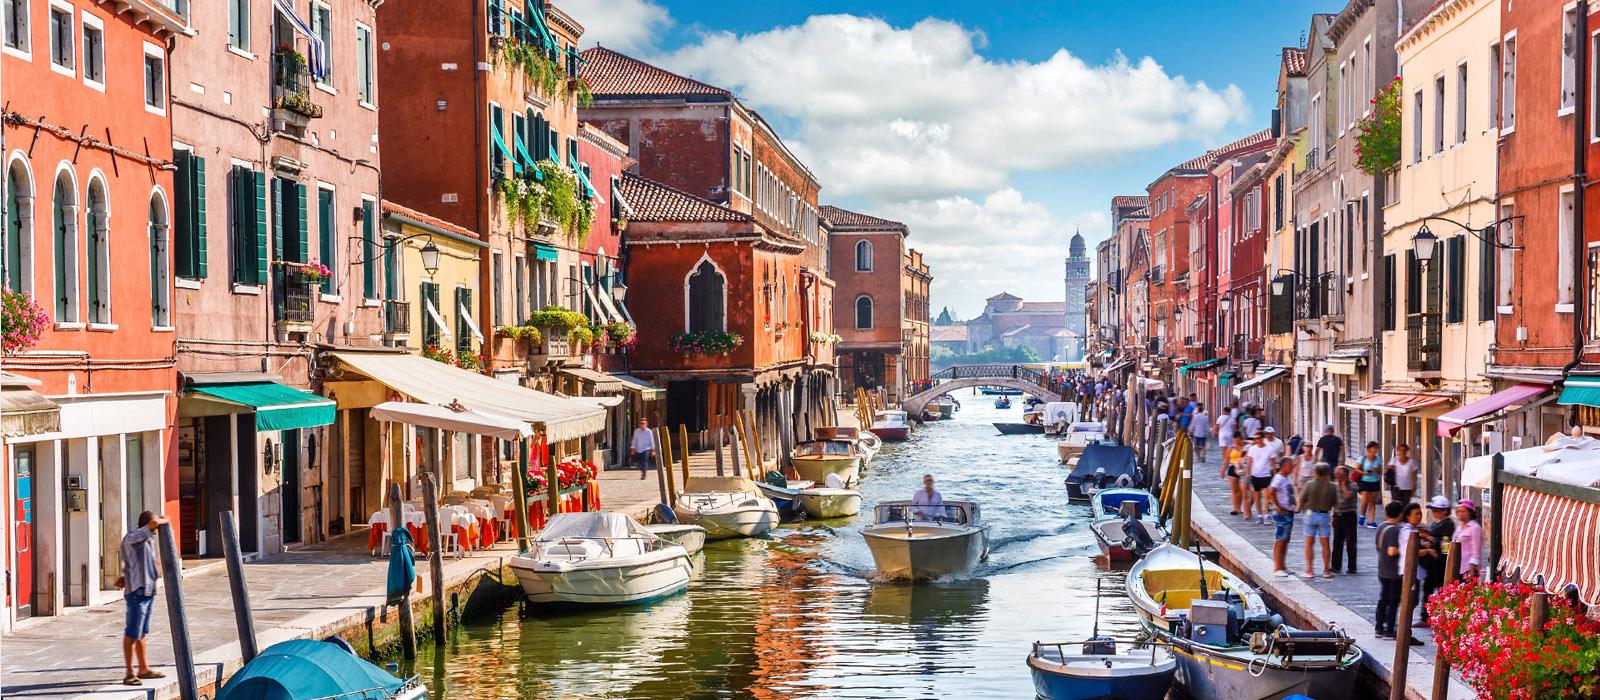 thành phố nổi Venise 5A